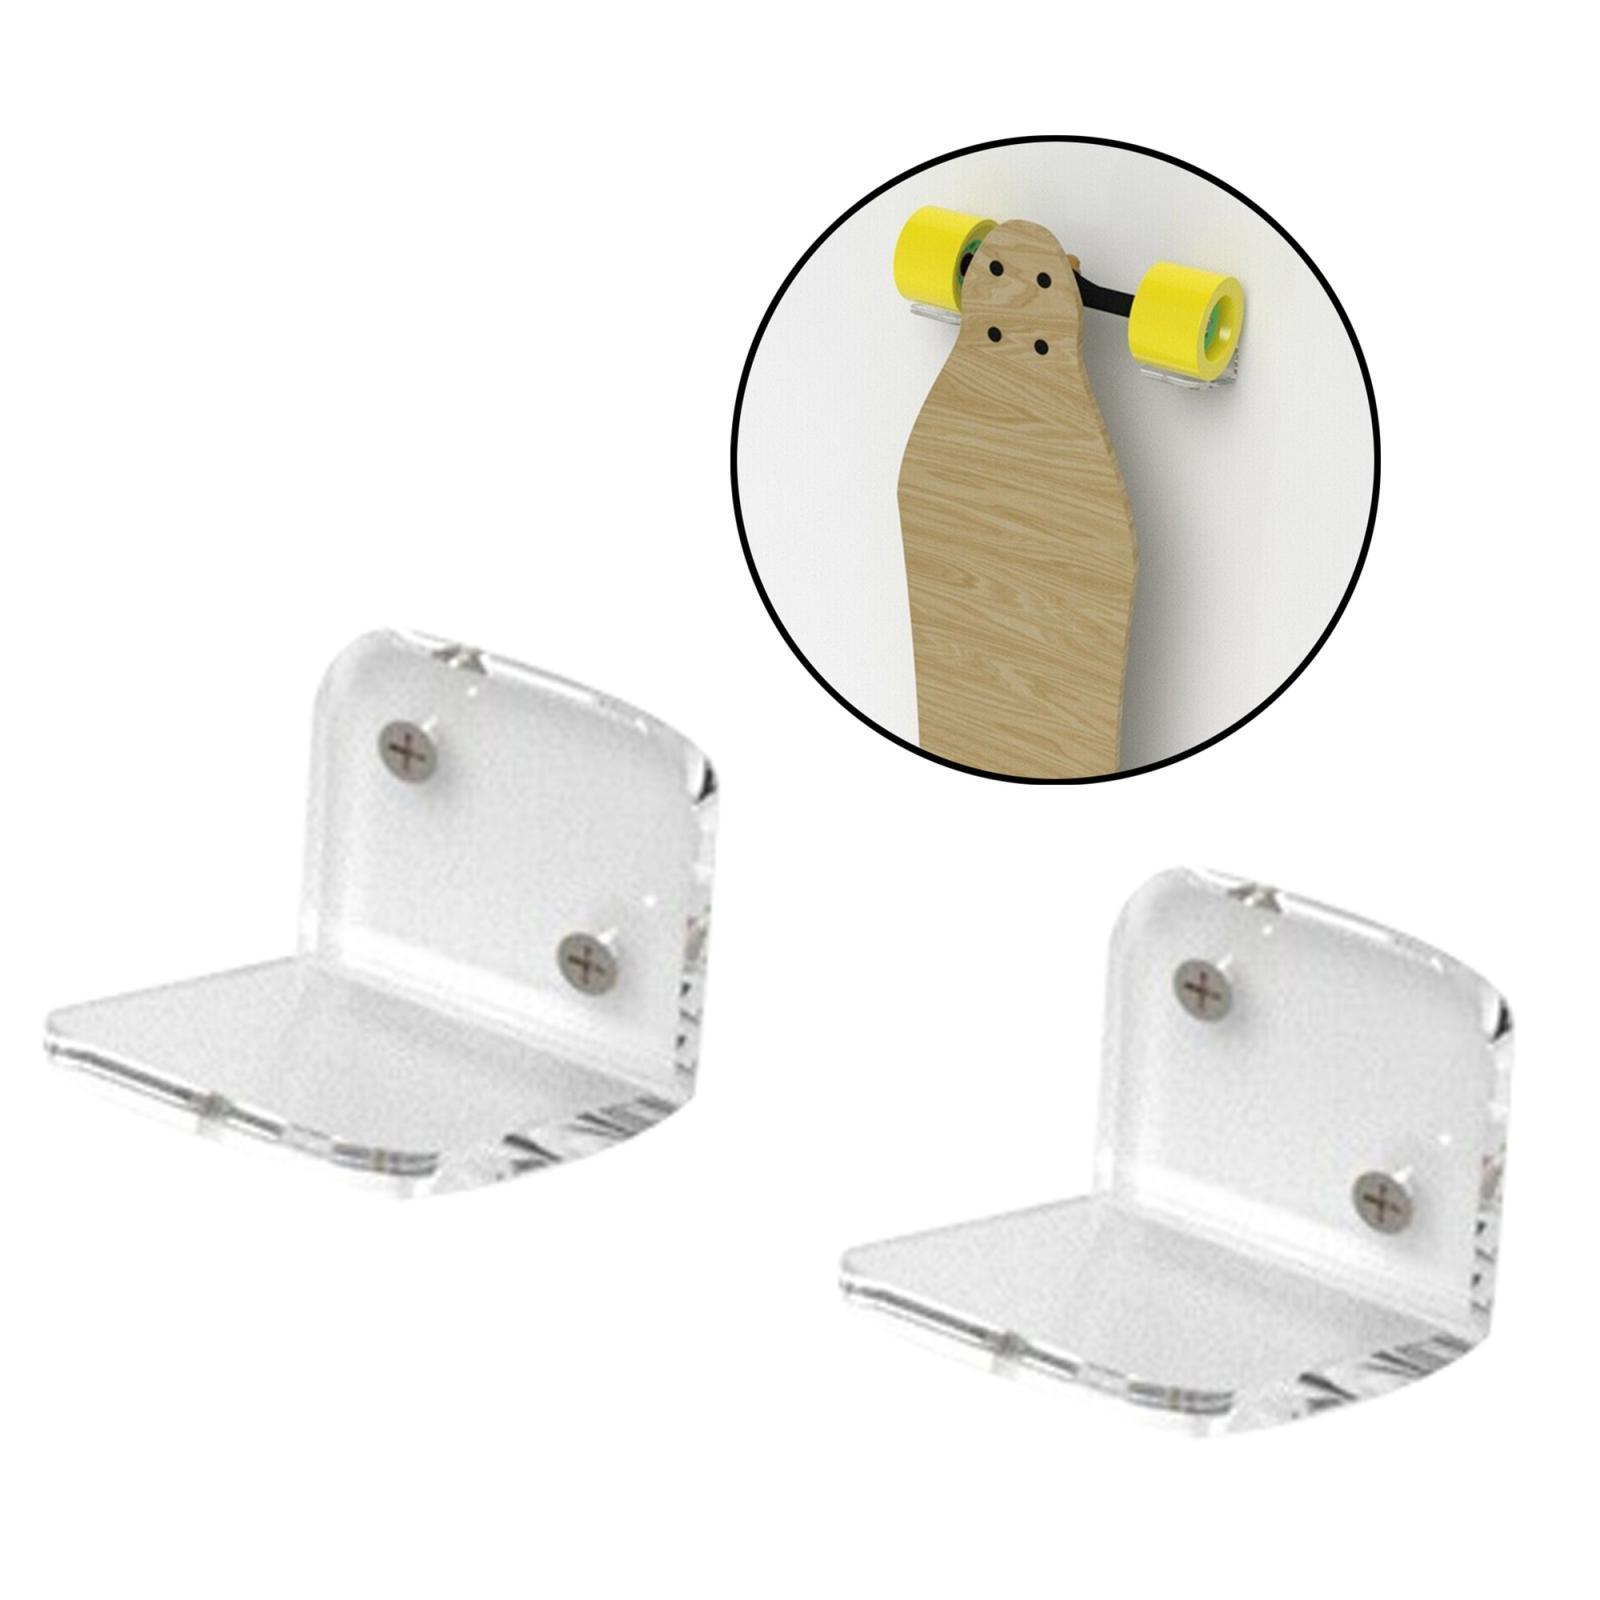 Espositore-appendiabiti-per-montaggio-a-parete-per-Skateboard-in-acrilico miniatura 6